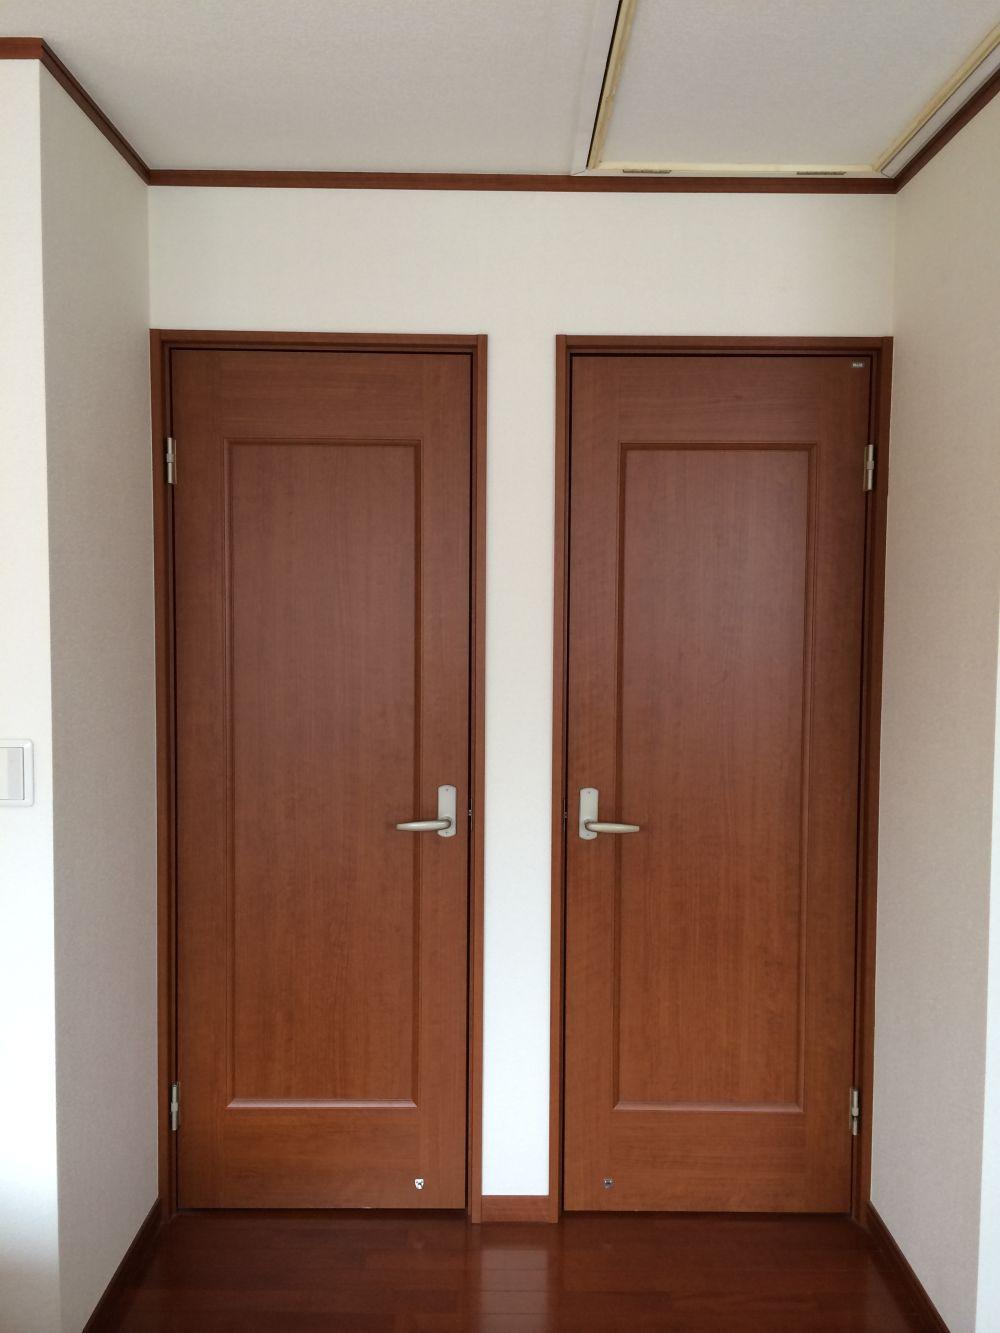 部屋の仕切り壁増設とクローゼット新設